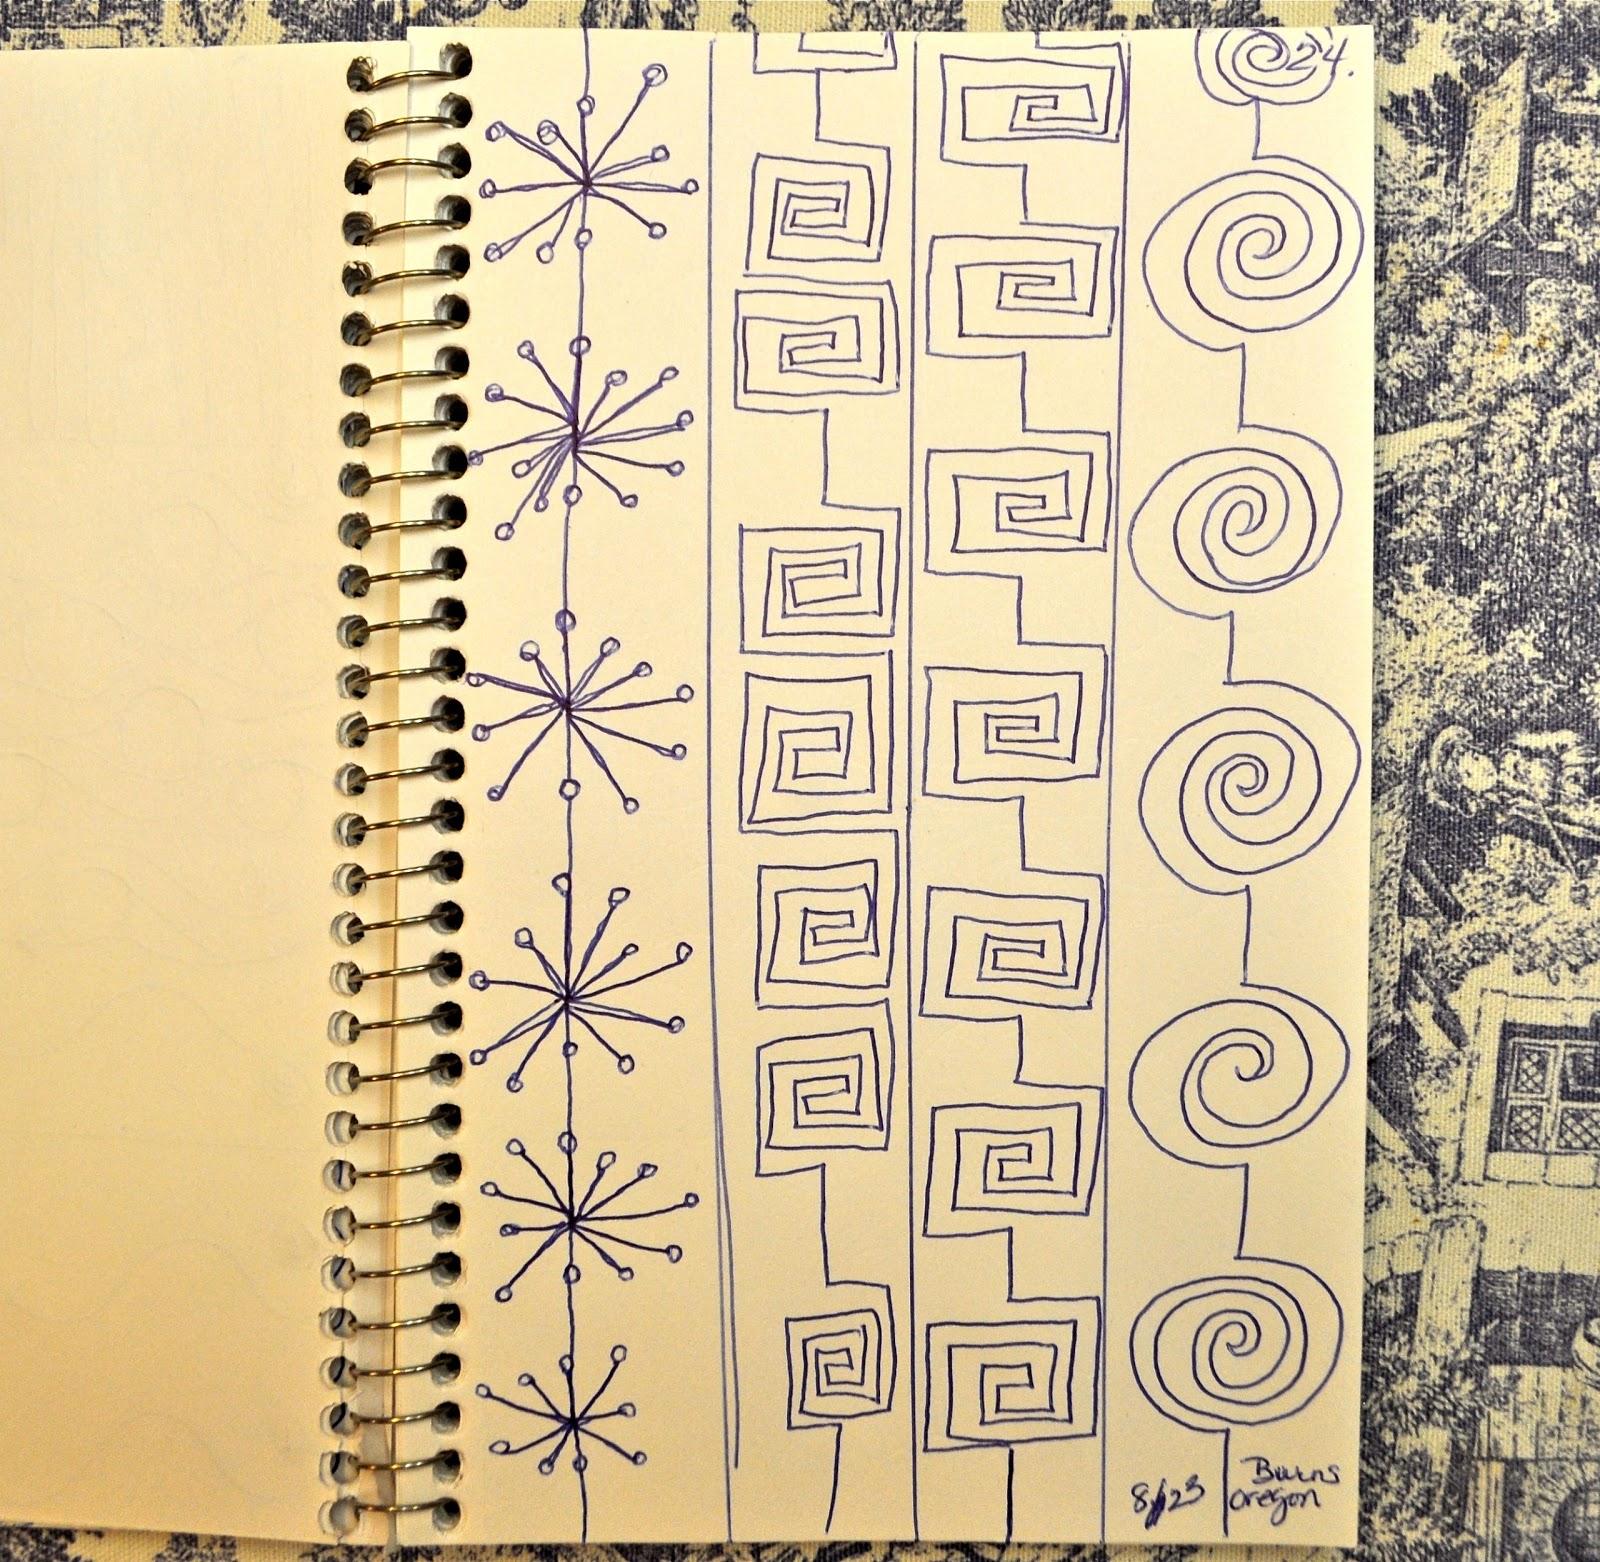 http://2.bp.blogspot.com/-g_DuKumfdUg/UD1_97HL3bI/AAAAAAAAQXc/5G1ttOAHoSE/s1600/Sketch+Book+24.jpg